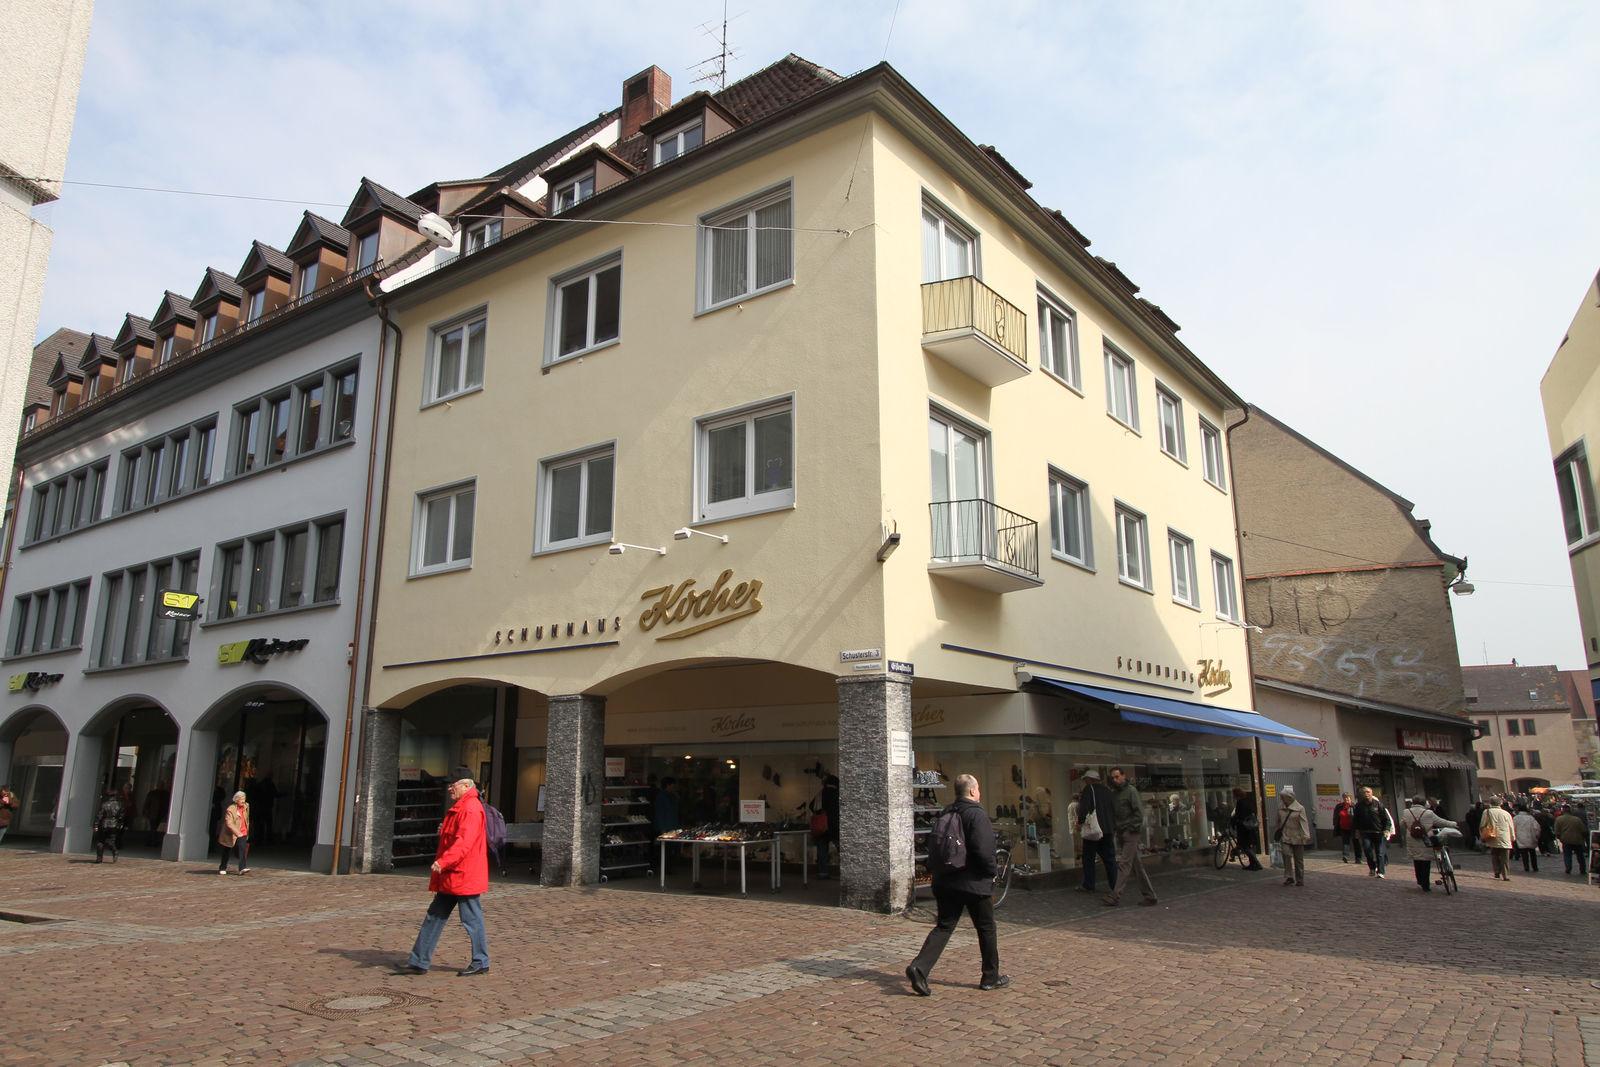 Schuhhaus Kocher na Freiburg im Breisgau (Bild 2)